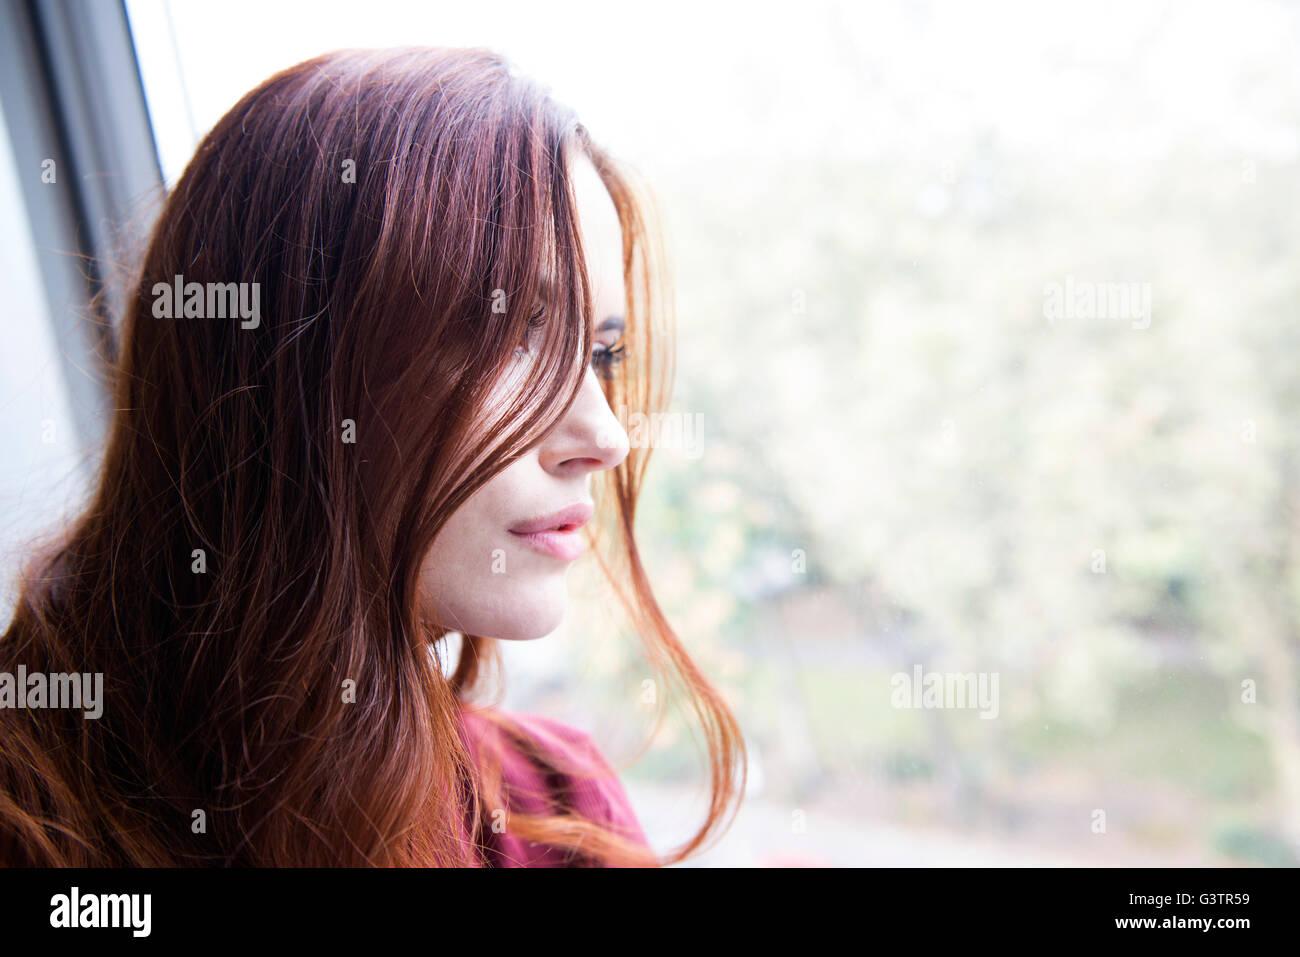 Ritratto di un giovane attraente donna seduta da una finestra. Immagini Stock